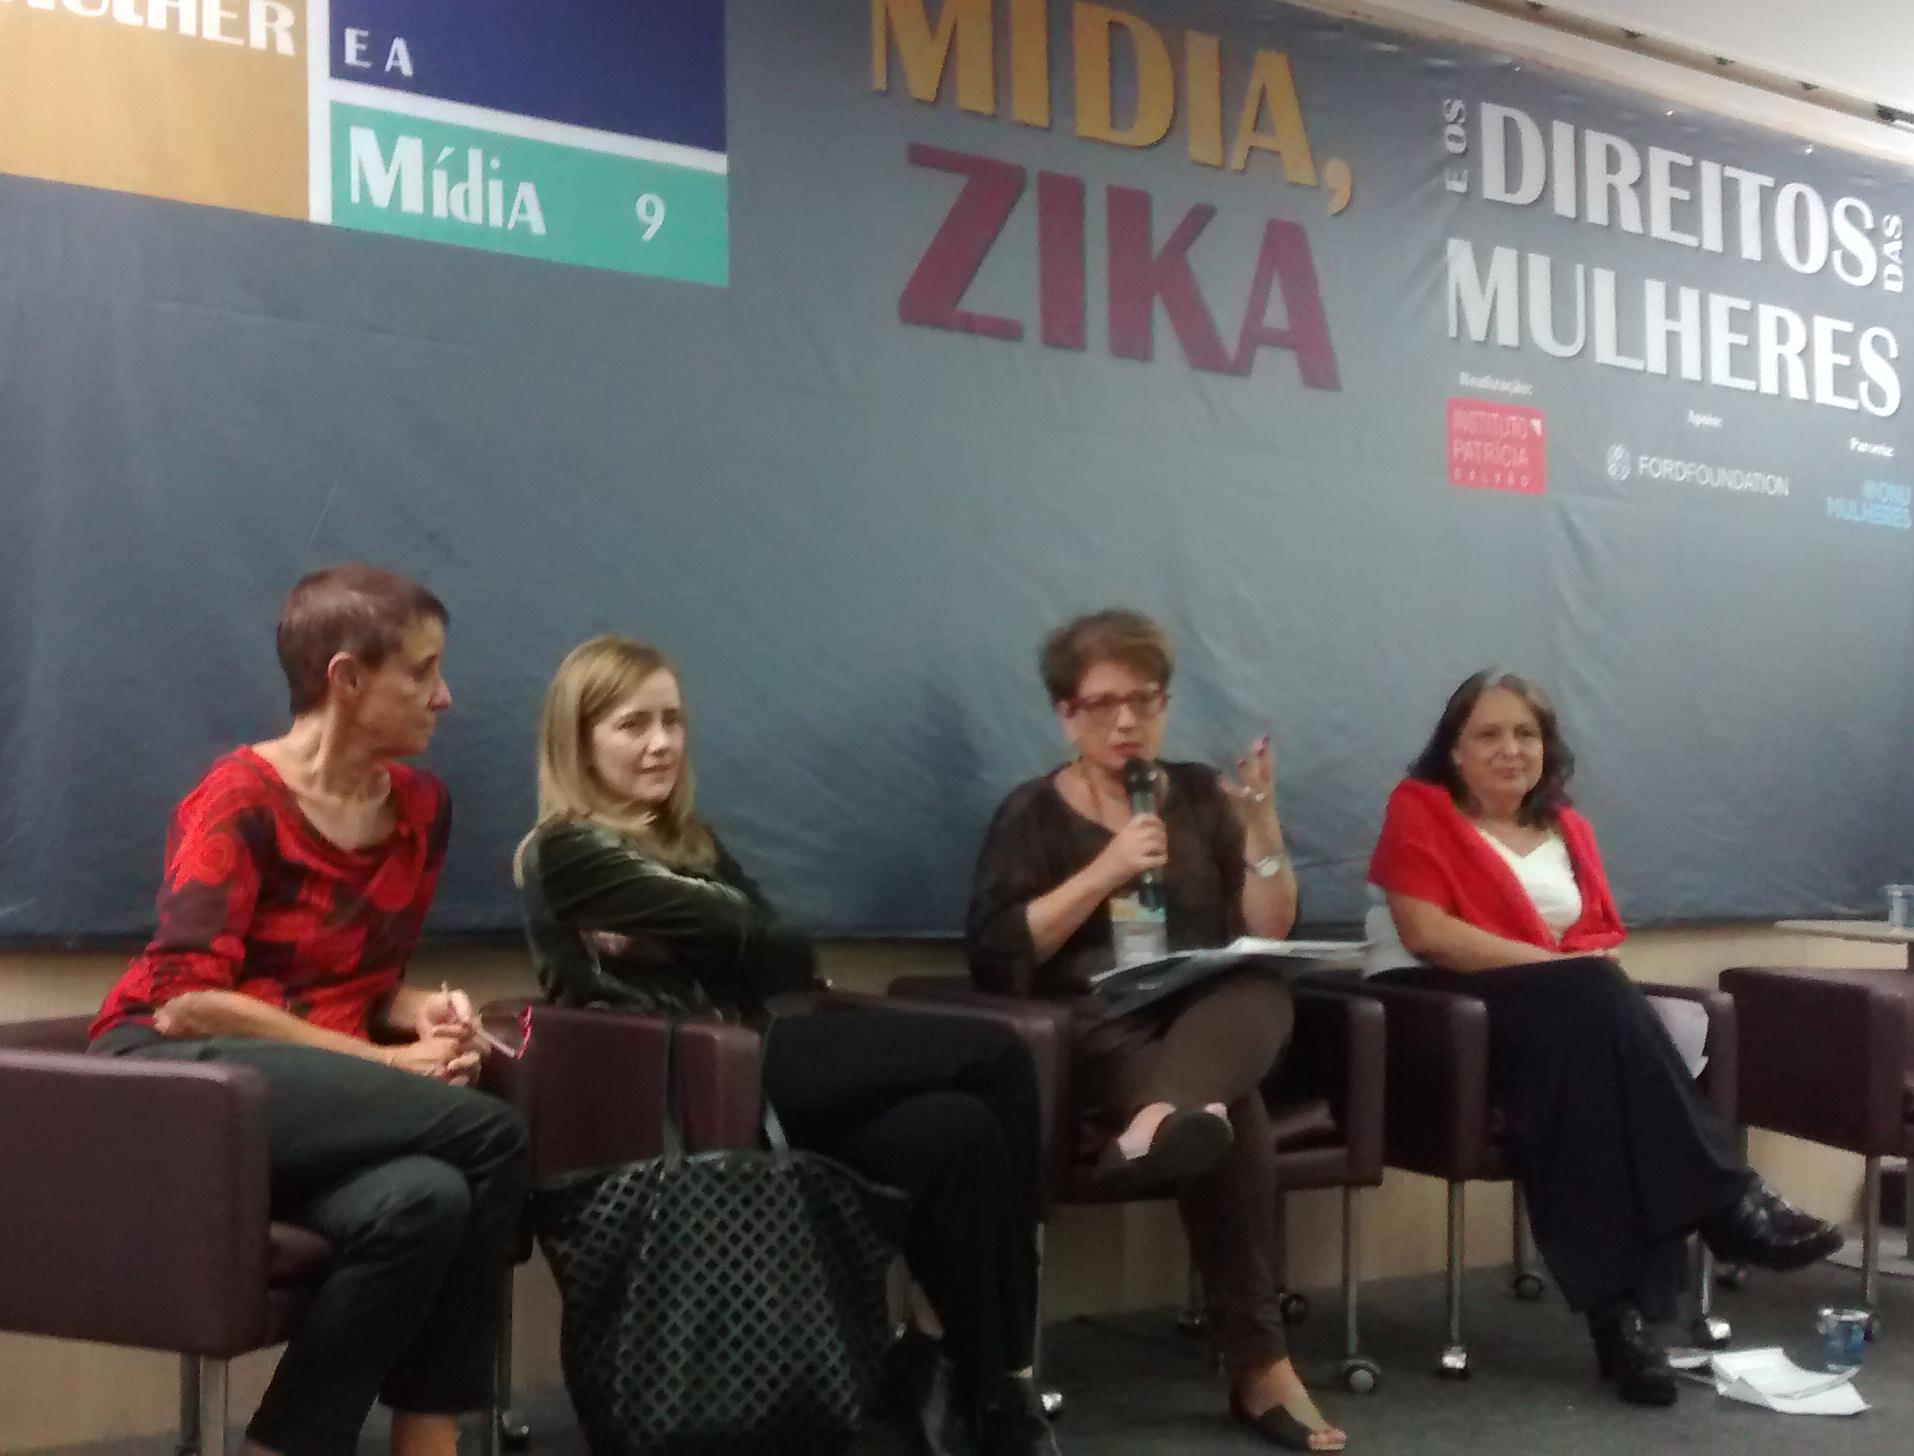 Da esquerda para a direita: Sonia Corrêa, Debora Diniz, Nilcéa Freire e Jacira Melo (Foto: Géssica Brandino)